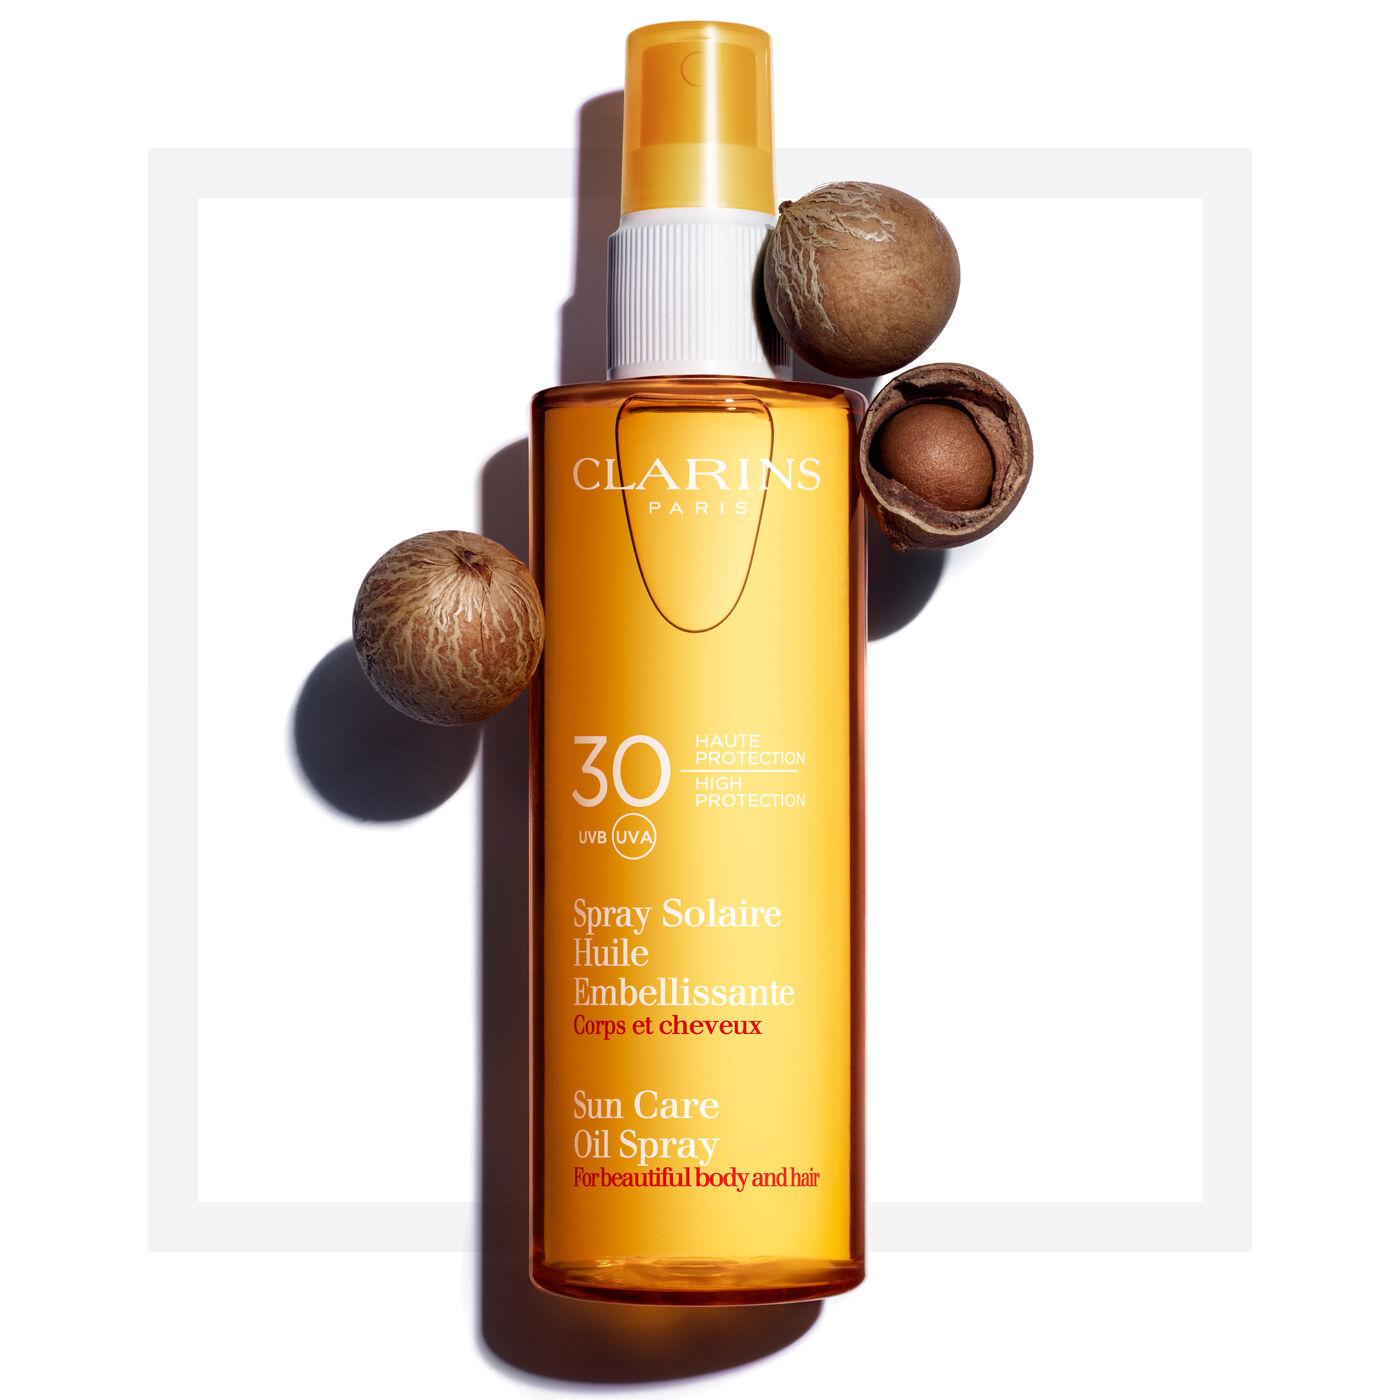 身體防曬油SPF 30